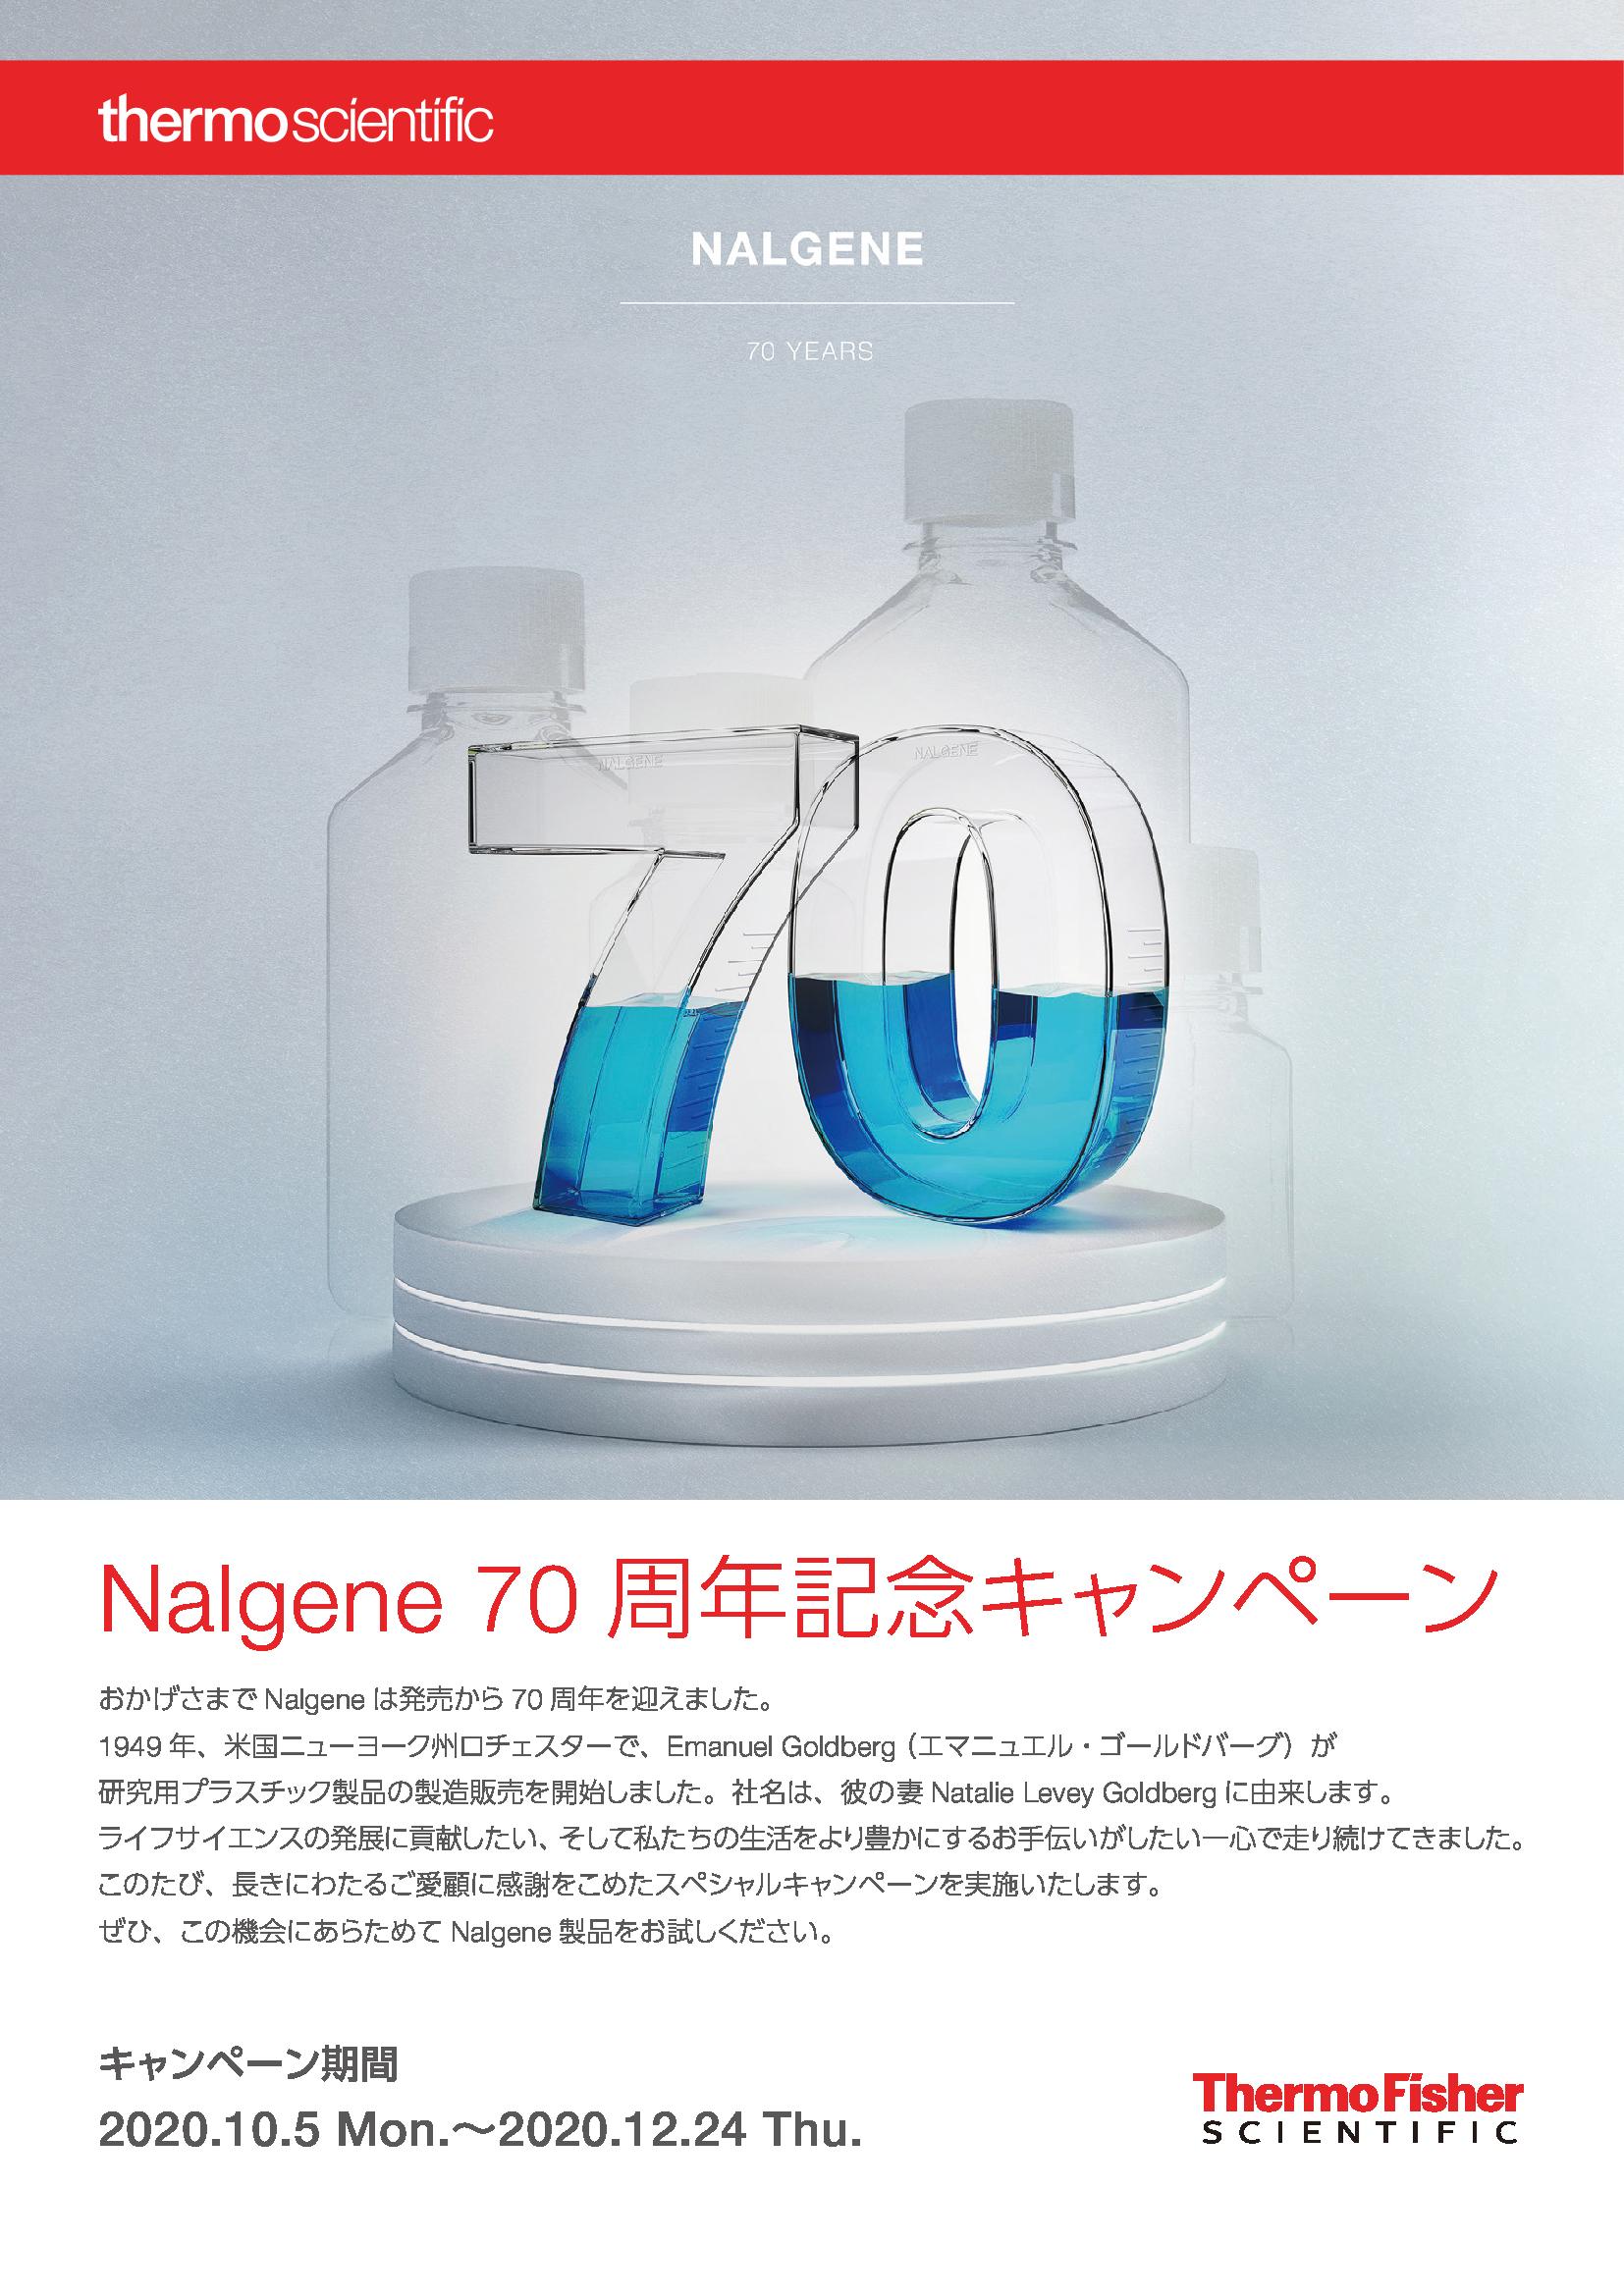 サーモフィッシャー Nalgene 70 周年記念キャンペーン